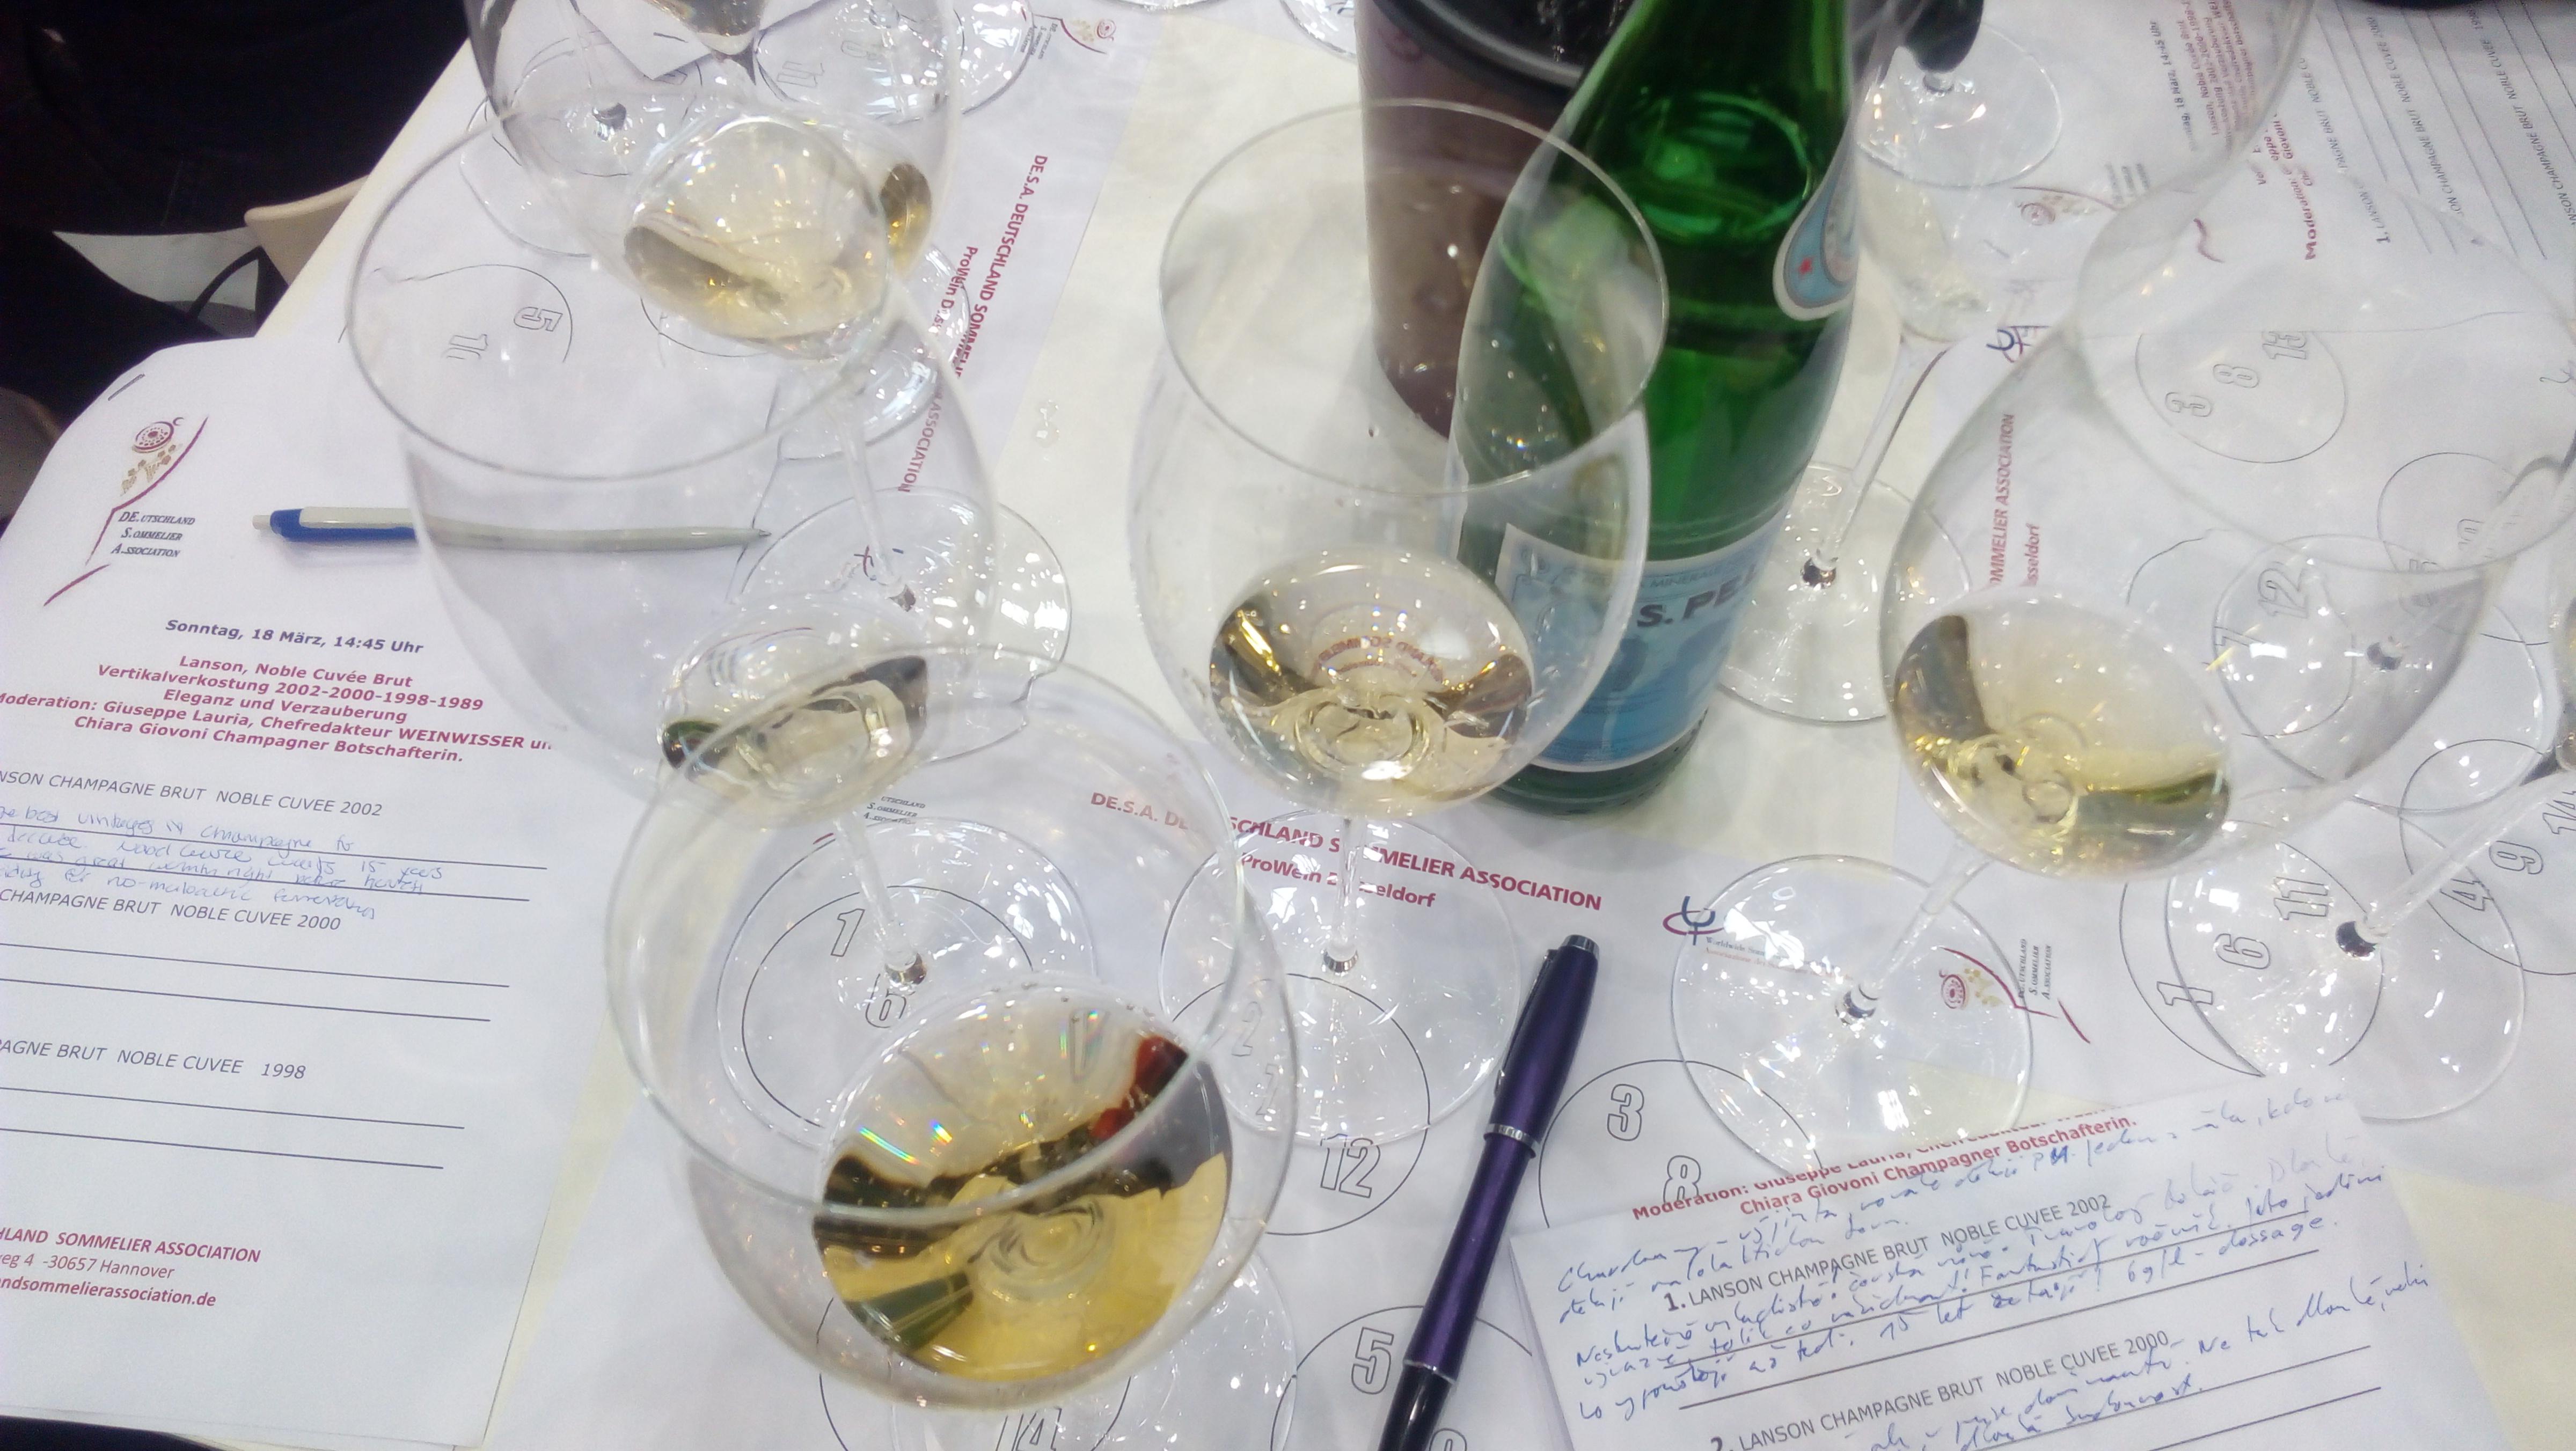 Champagne Lanson Noble Cuvée Brut 1989